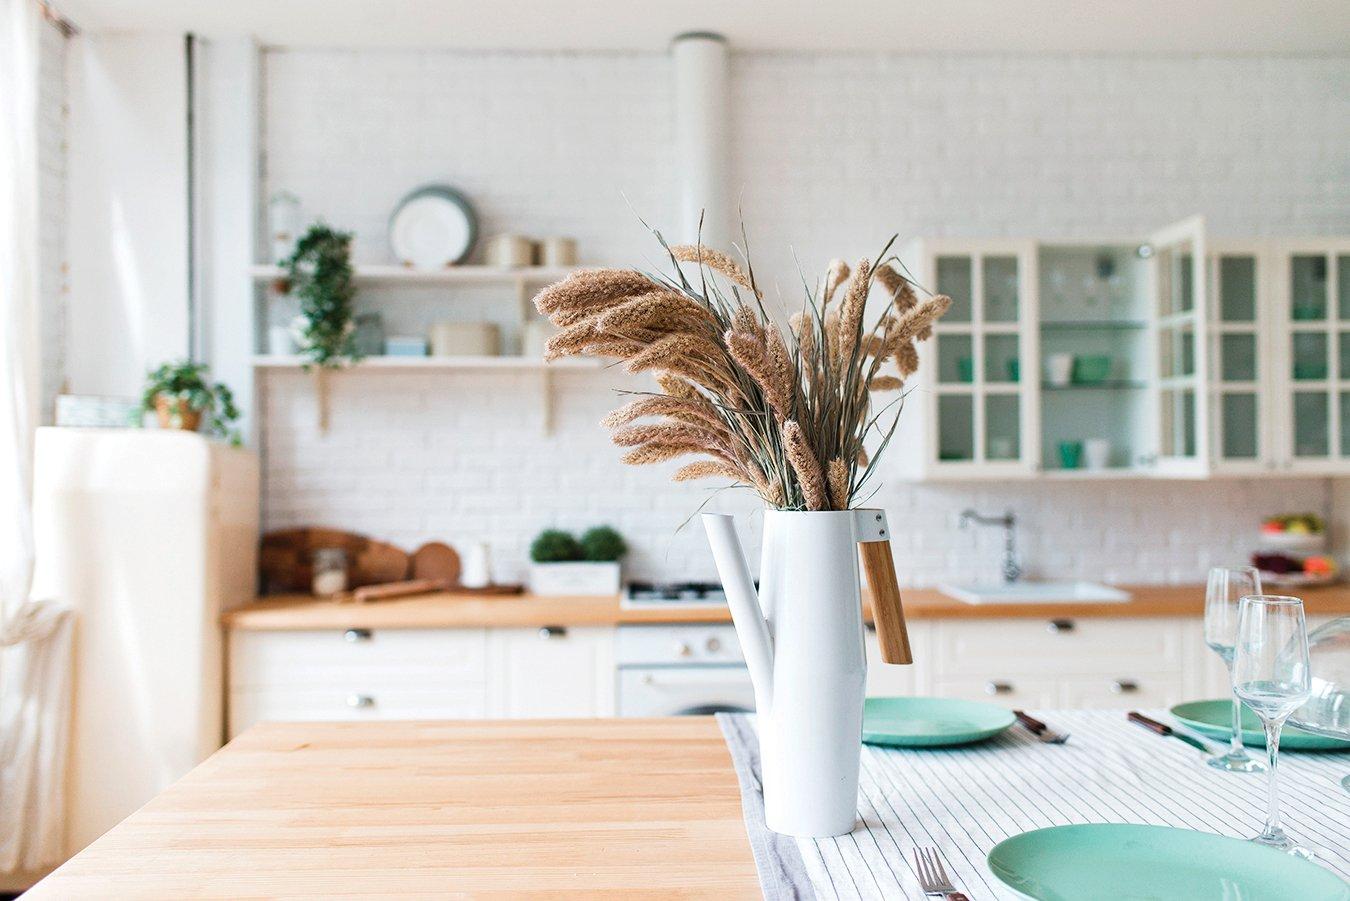 房間擺上含有精油的乾燥花,能保持屋內的芬芳。(Shutterstock)